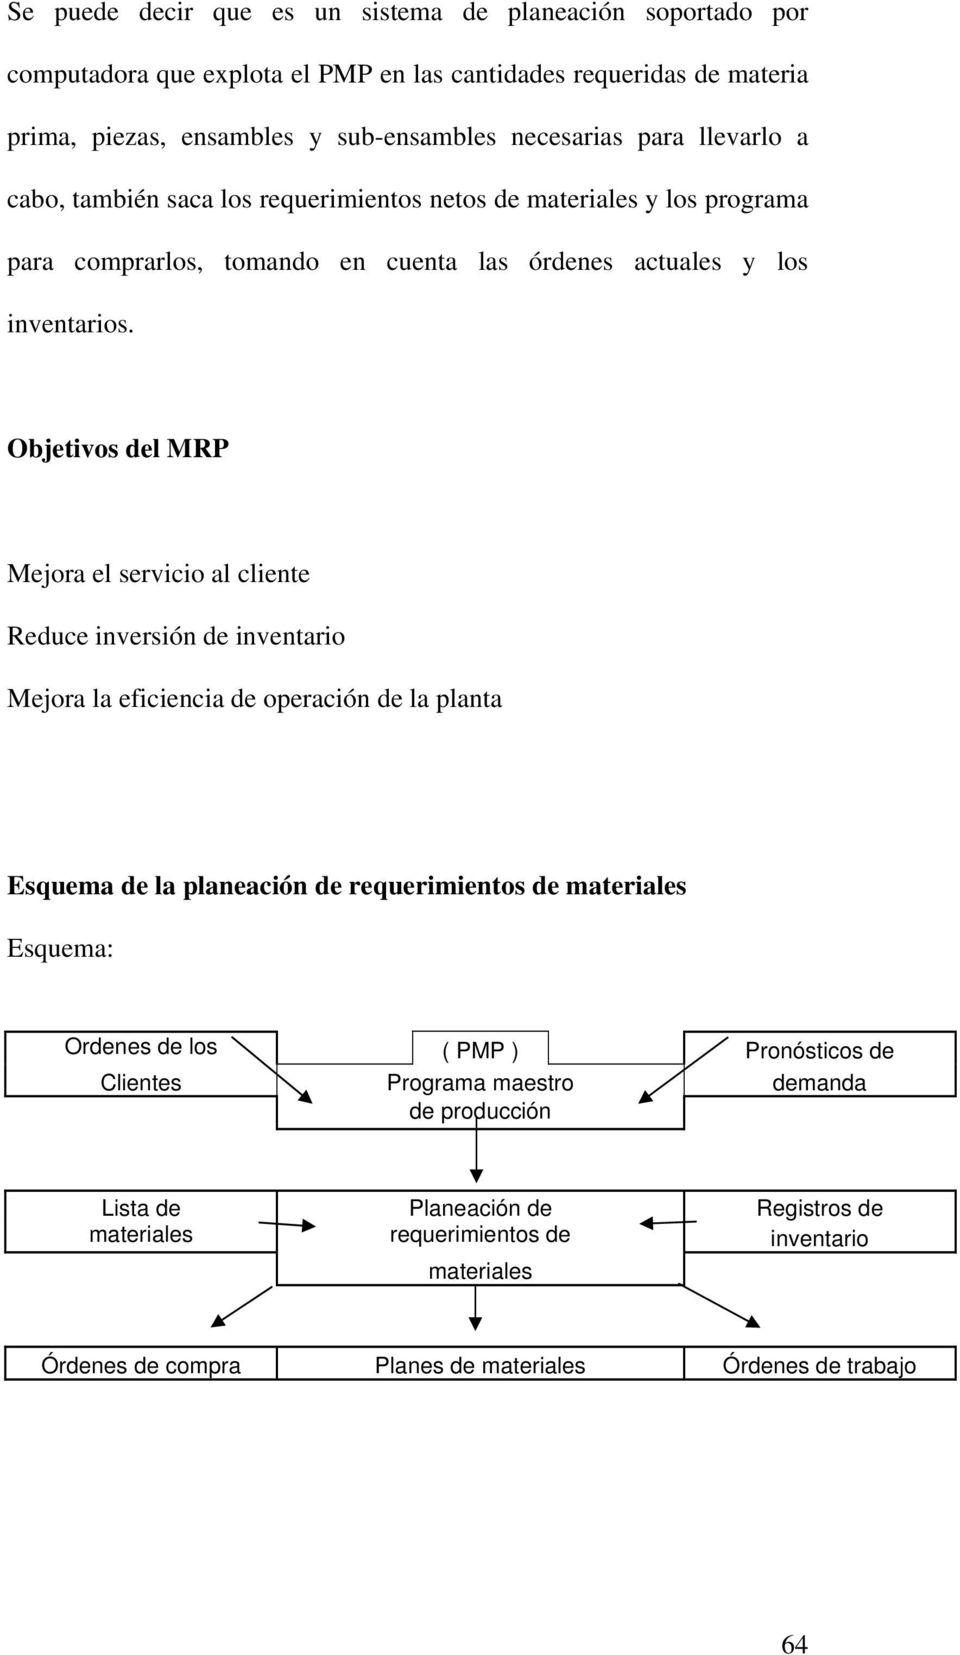 hight resolution of objetivos del mrp mejora el servicio al cliente reduce inversi n de inventario mejora la eficiencia de